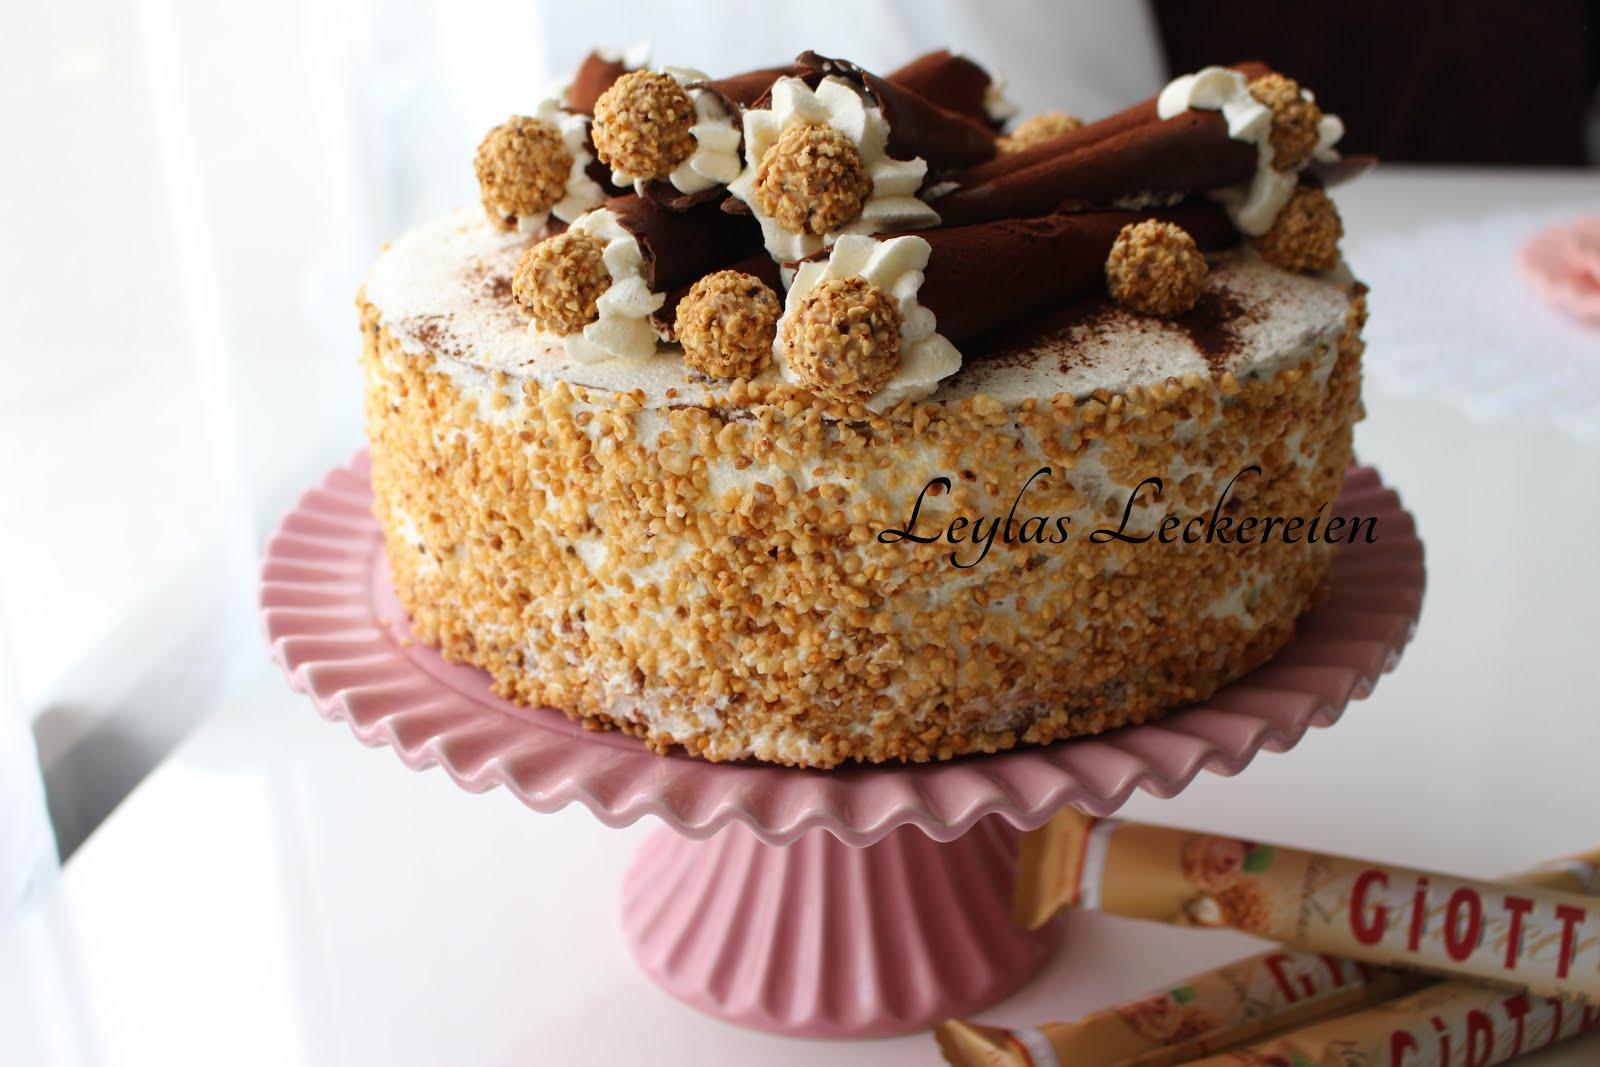 leylas leckereien giotto torte nuss torte die beste nuss torte der welt. Black Bedroom Furniture Sets. Home Design Ideas